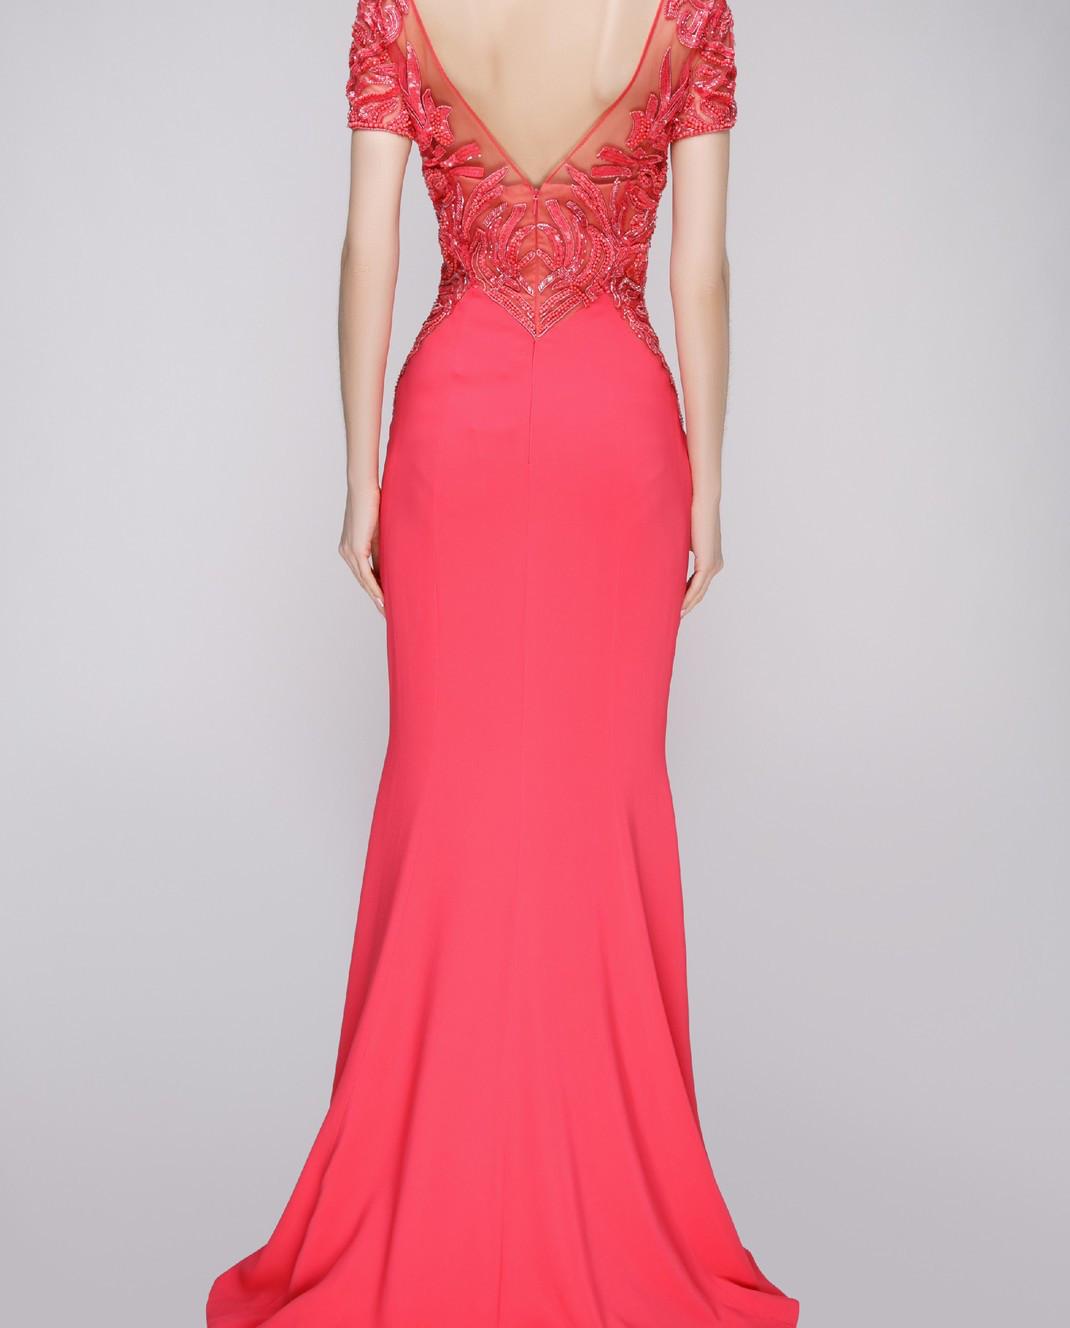 Zuhair Murad Розовое платье RDPF15029DL99 изображение 4